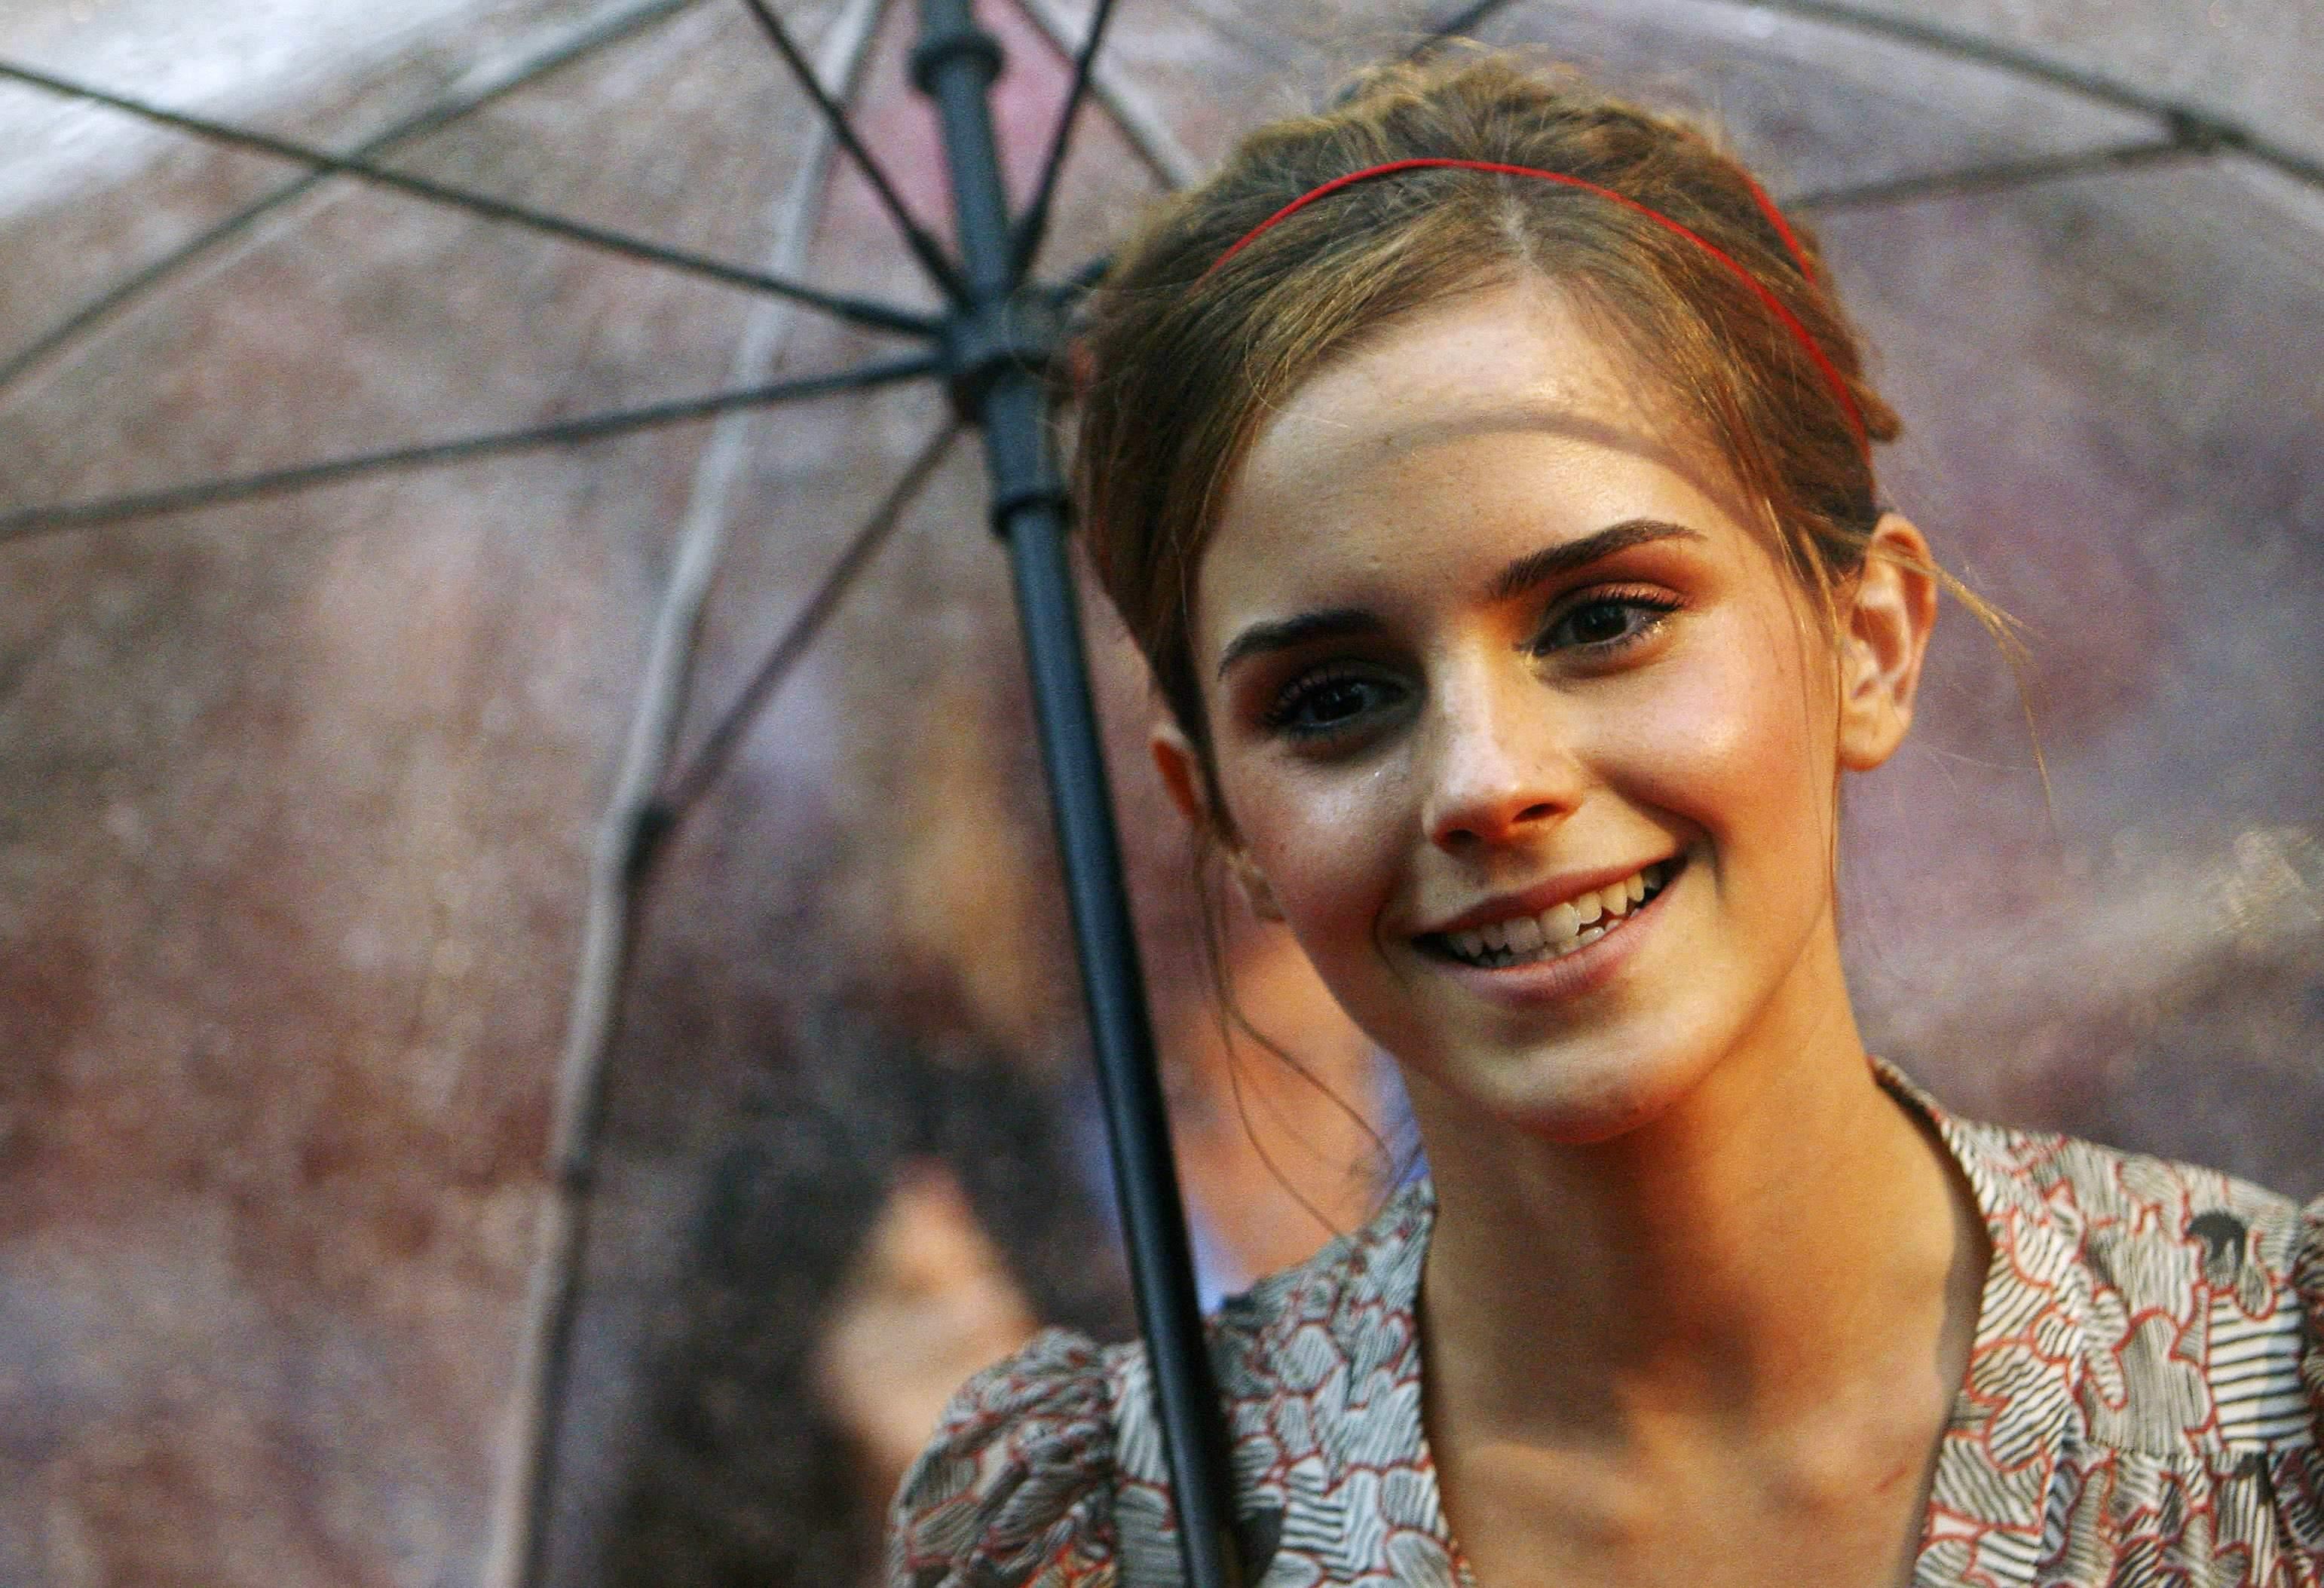 52004_Emma_Watson_HPaTHBP_premiere_in_London04080_122_895lo.jpg